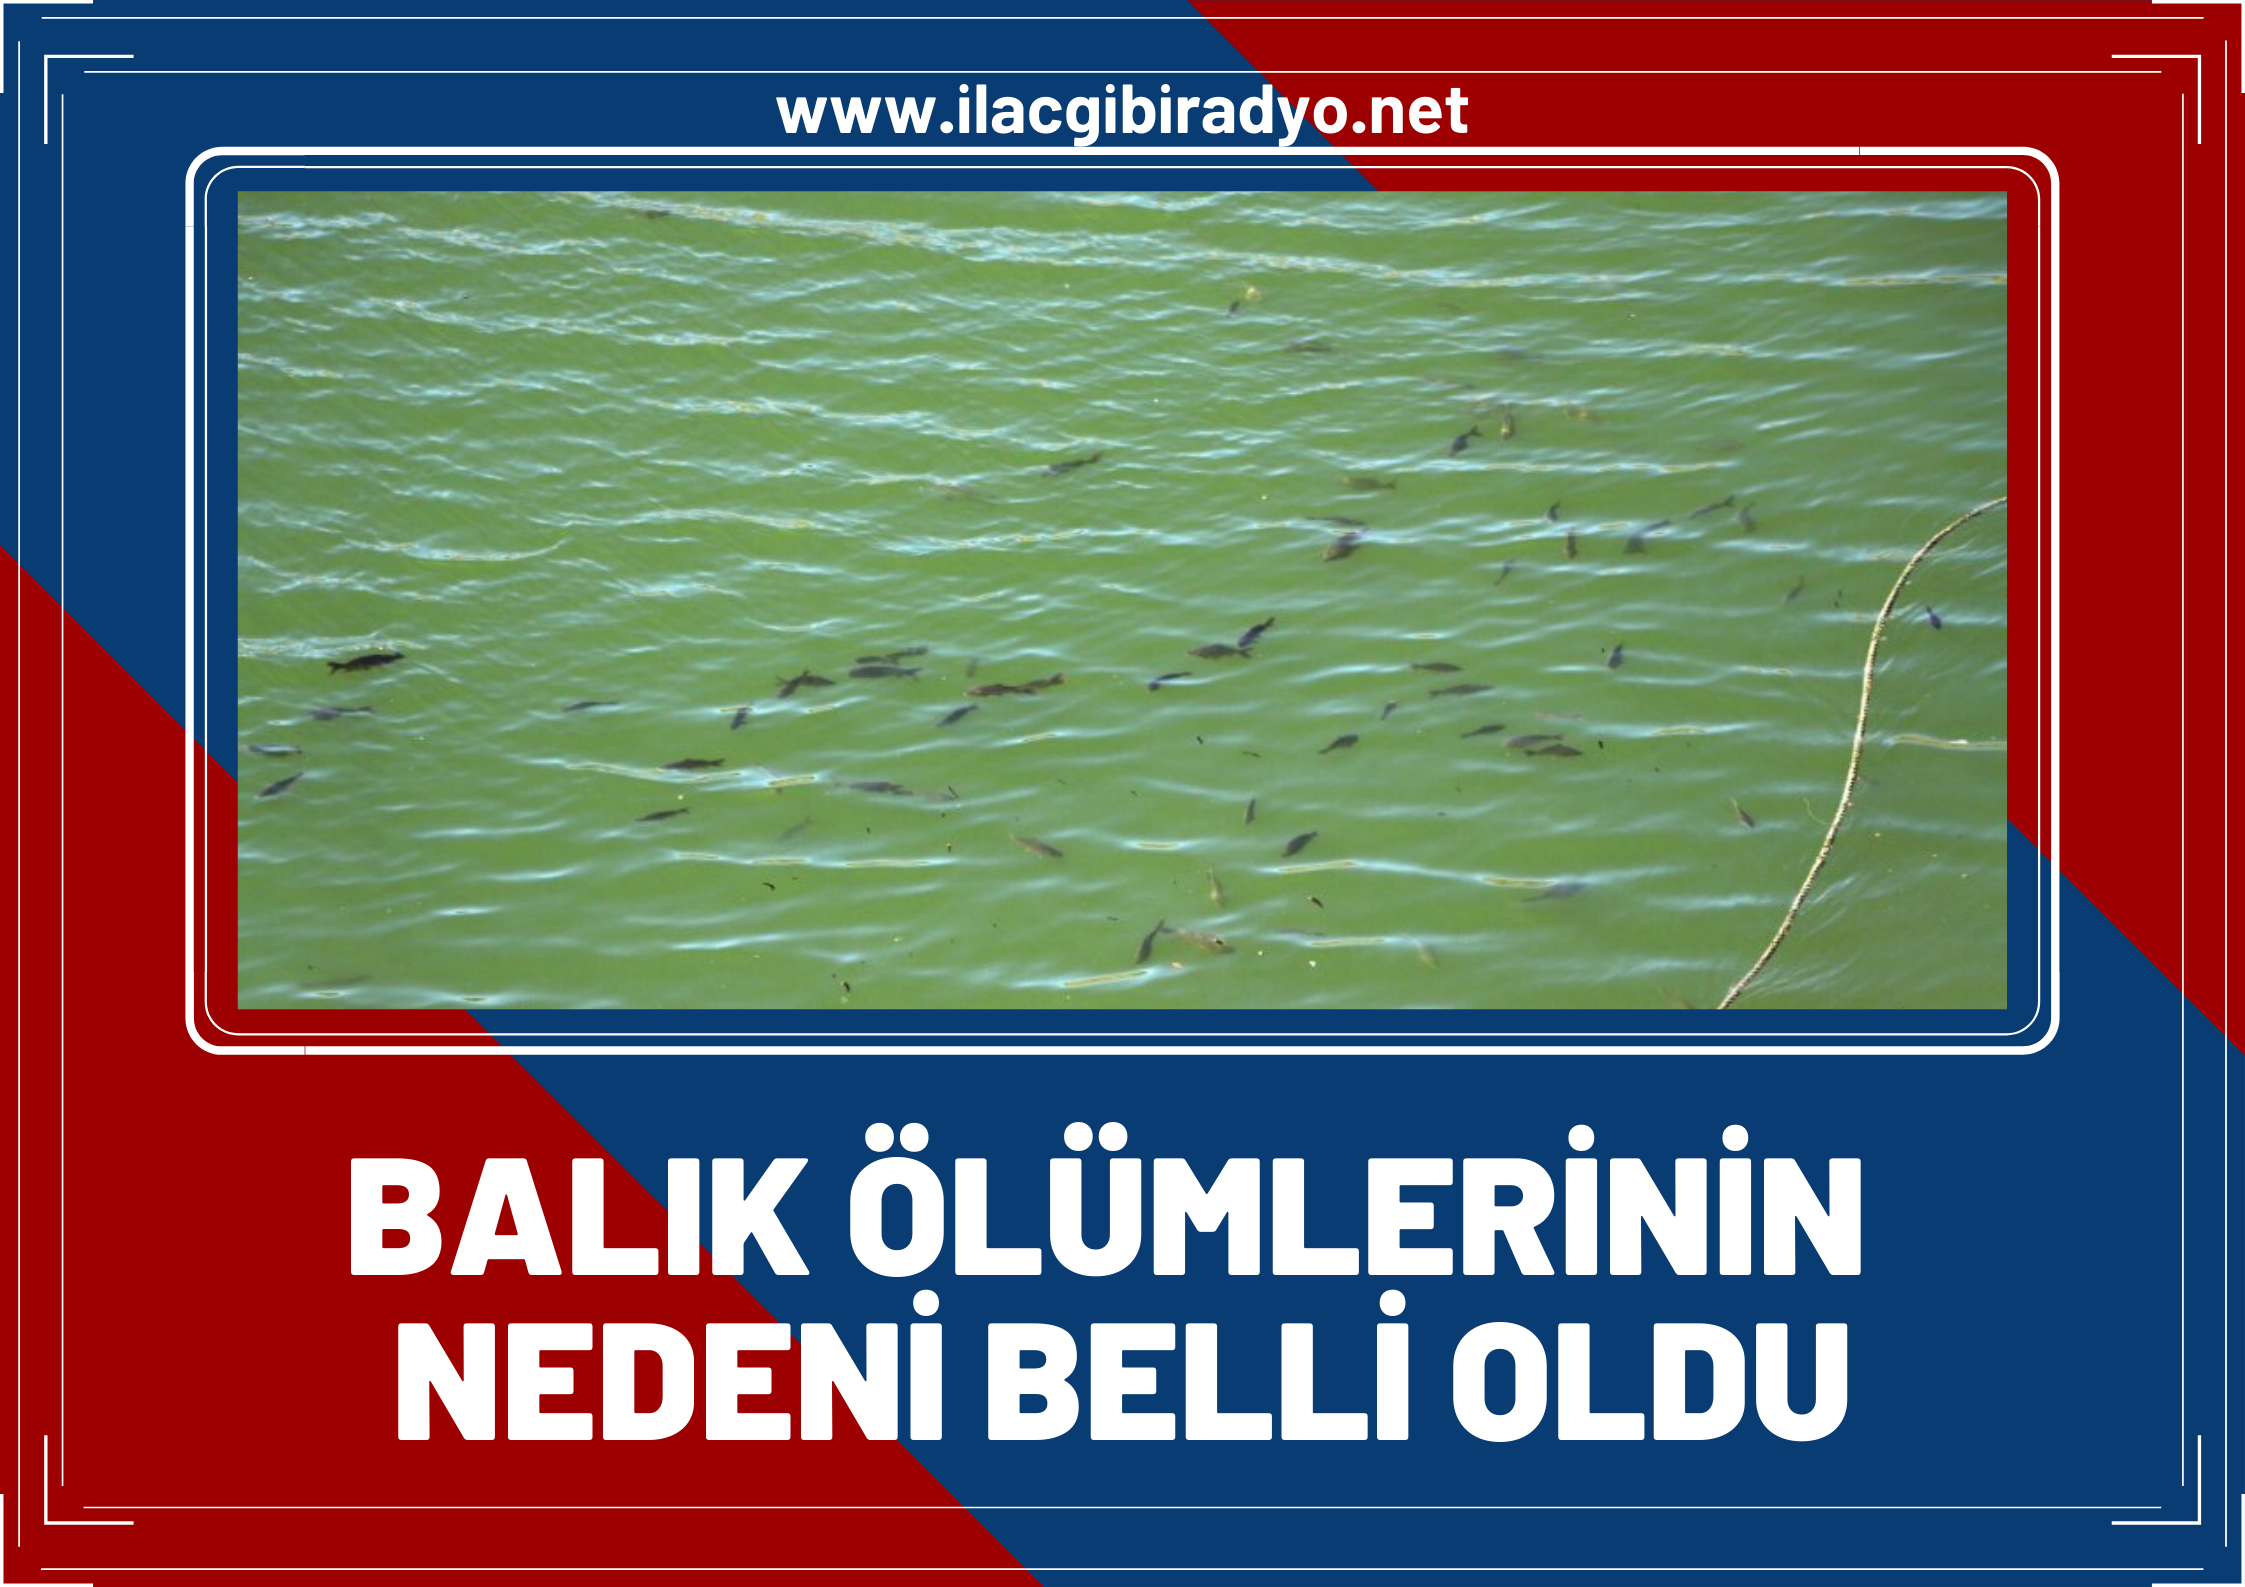 Balık ölümlerinin nedeni belli oldu!